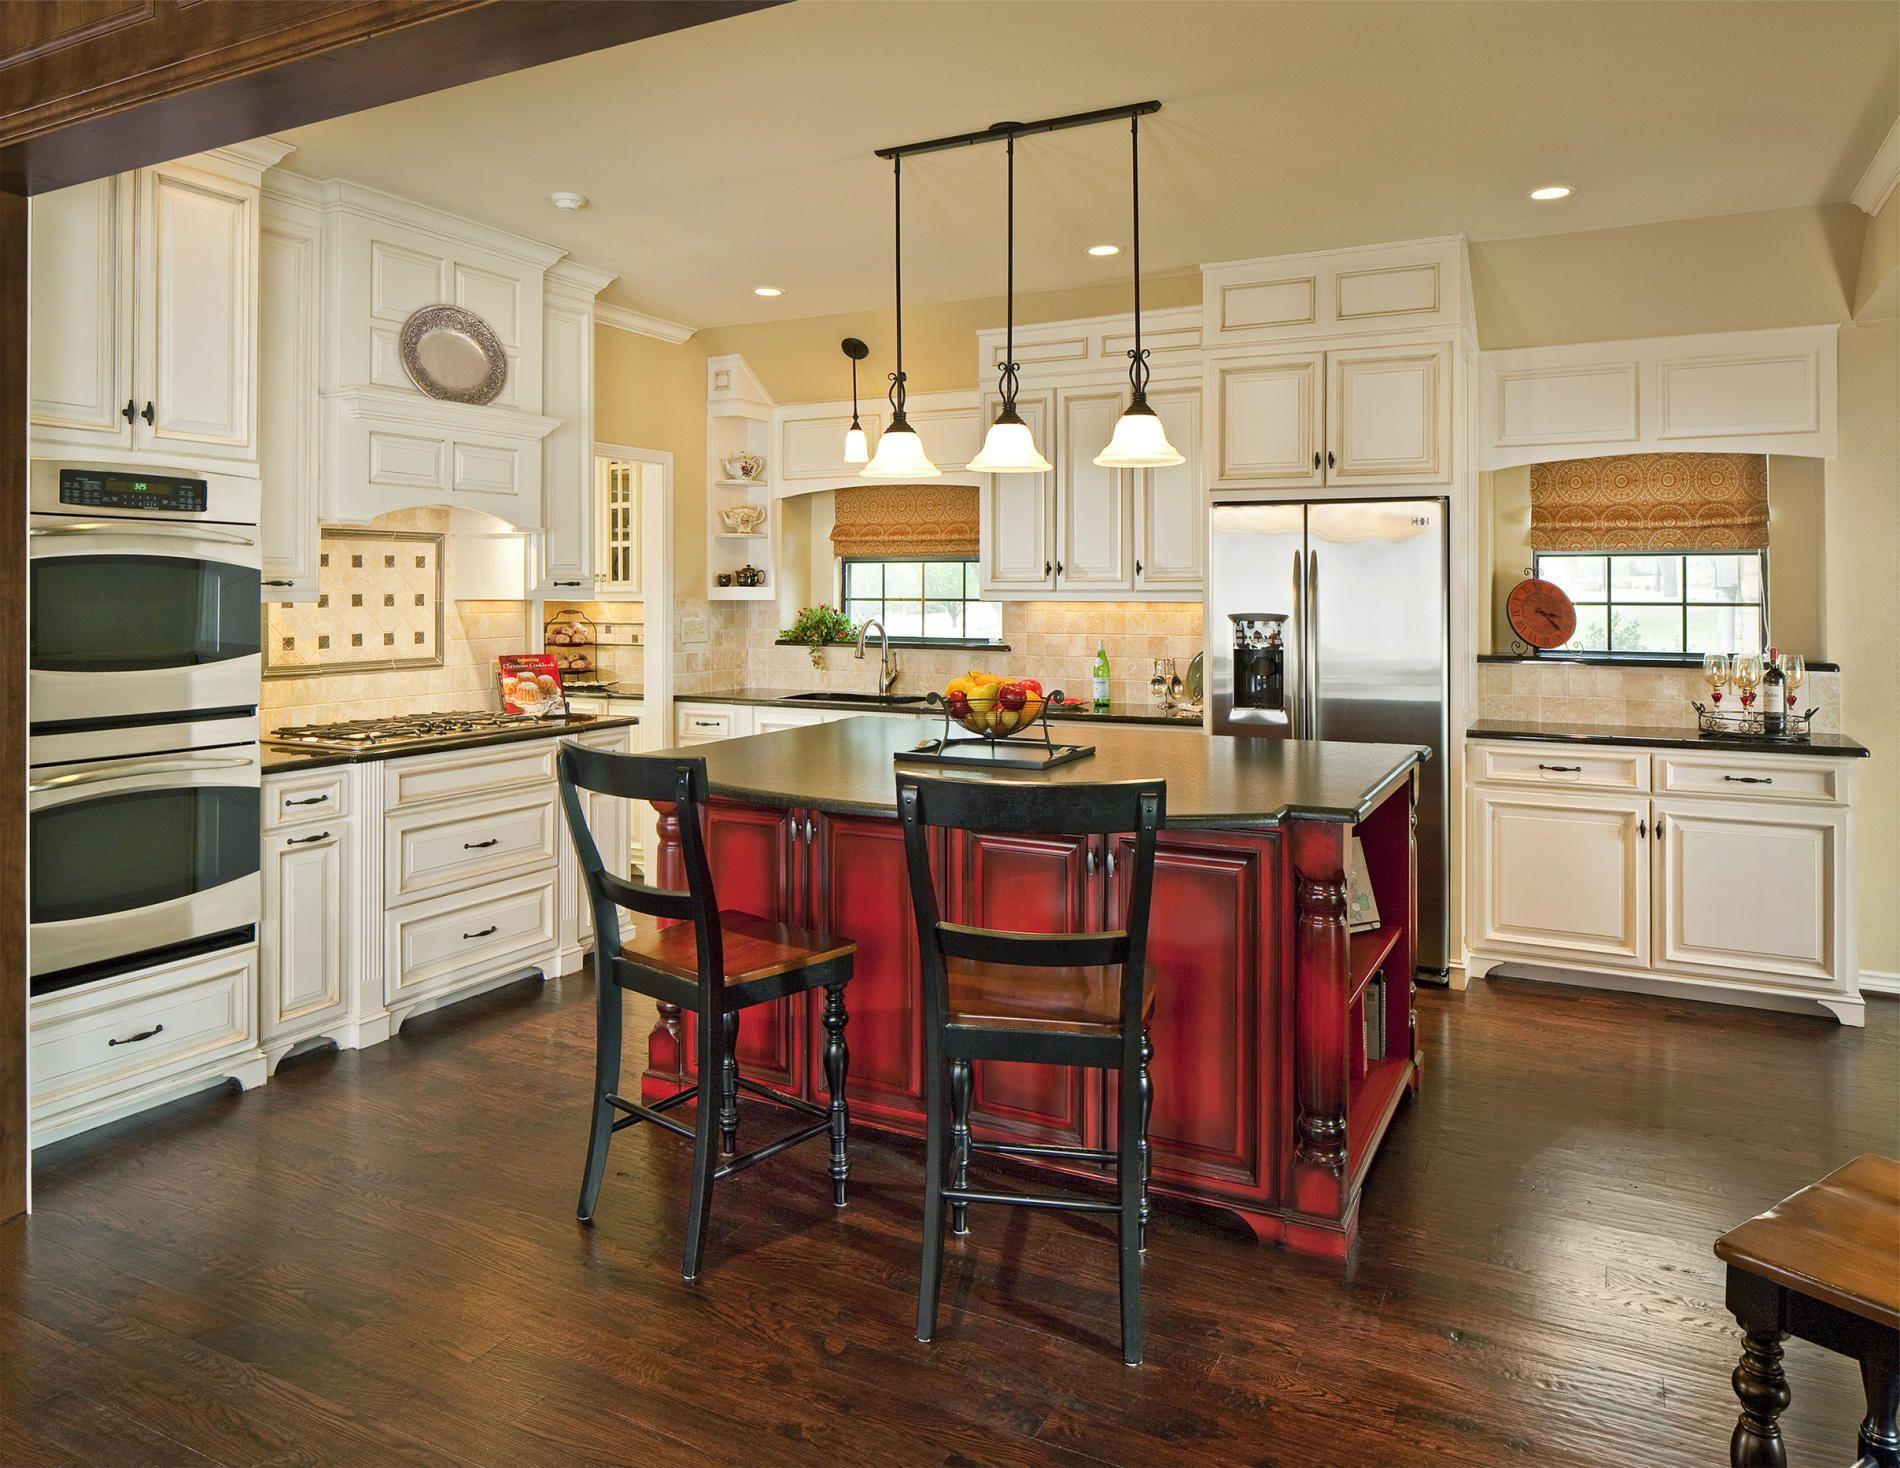 Best Kitchen Dark Brown Wooden Floor Modern Minimalist Decor 400 x 300